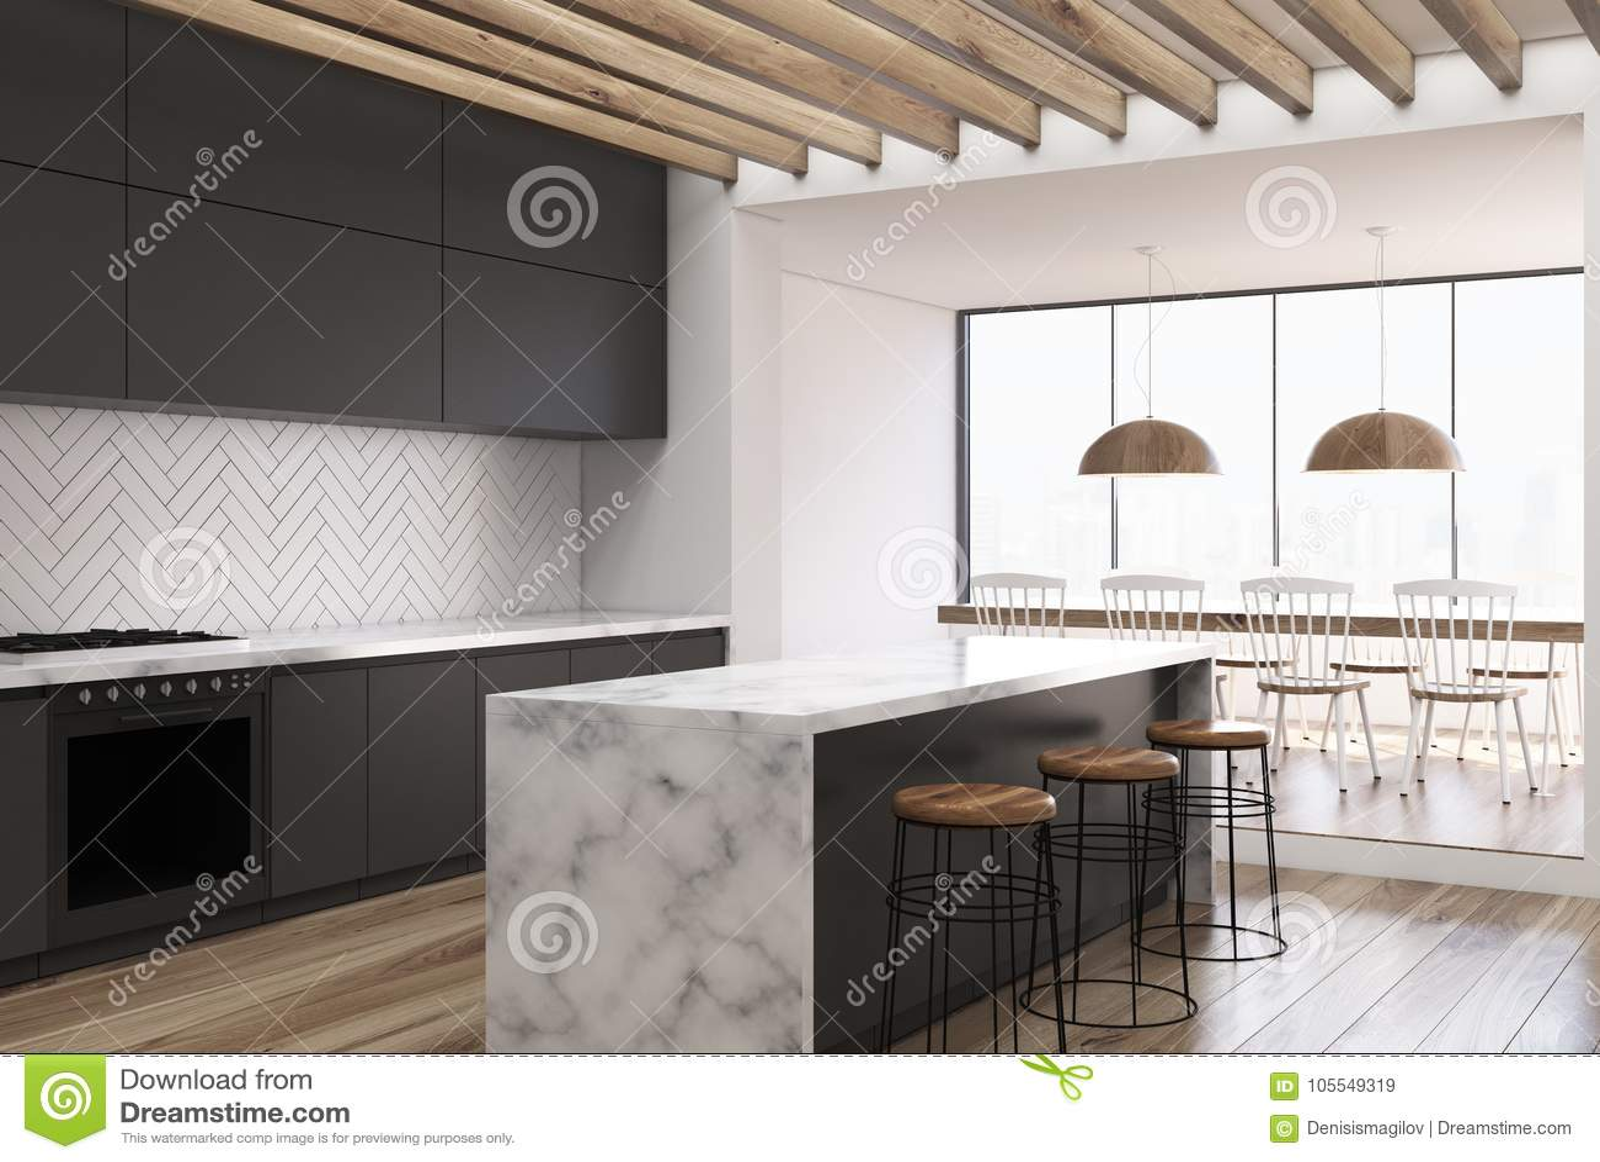 Cucina Di Legno Nera Lato Della Barra Di Marmo Illustrazione Di